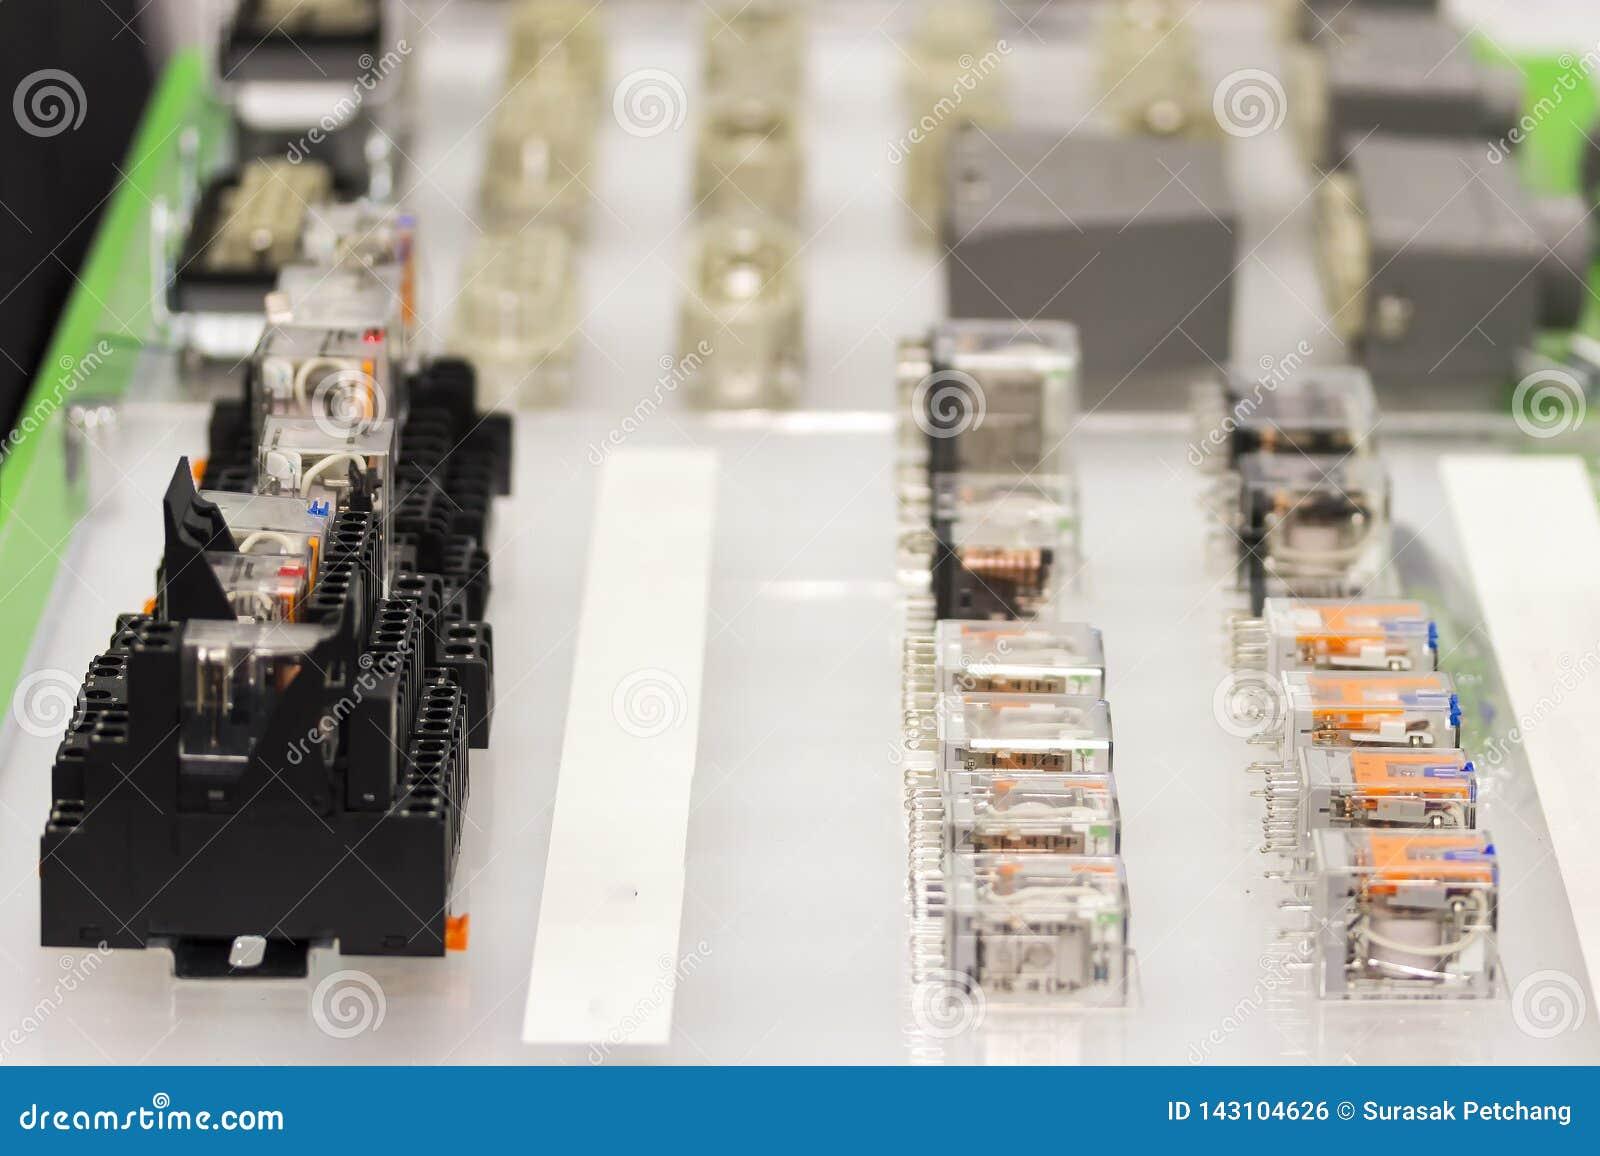 Muito interruptor do soquete e do relé elétrico automático ou eletroímã para o circuito elétrico operado da máquina ou industrial